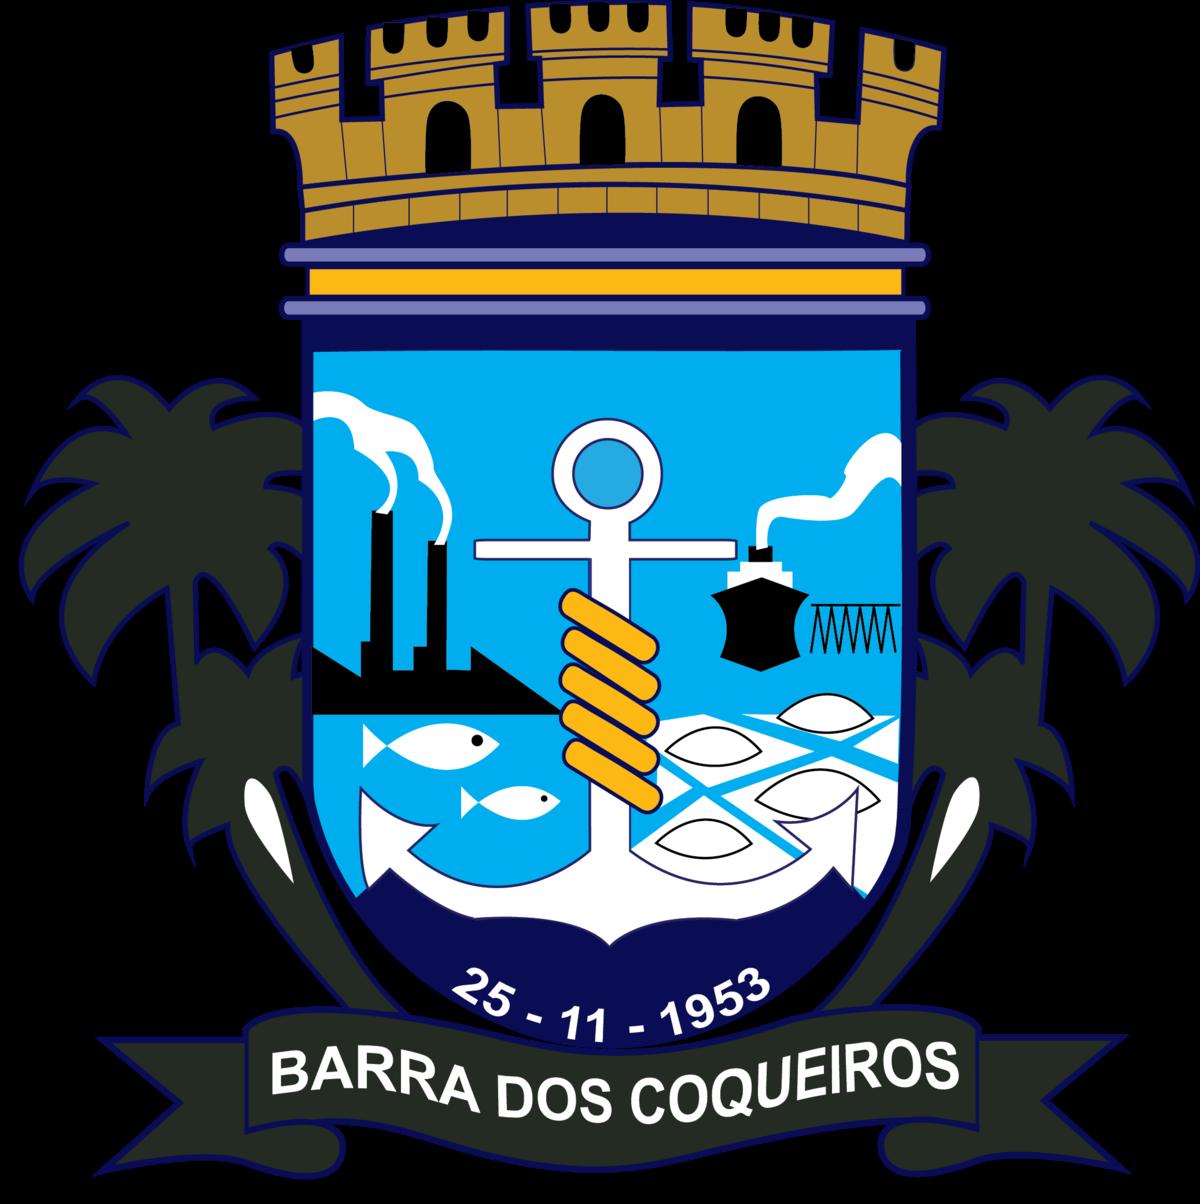 BarraCoqueiros